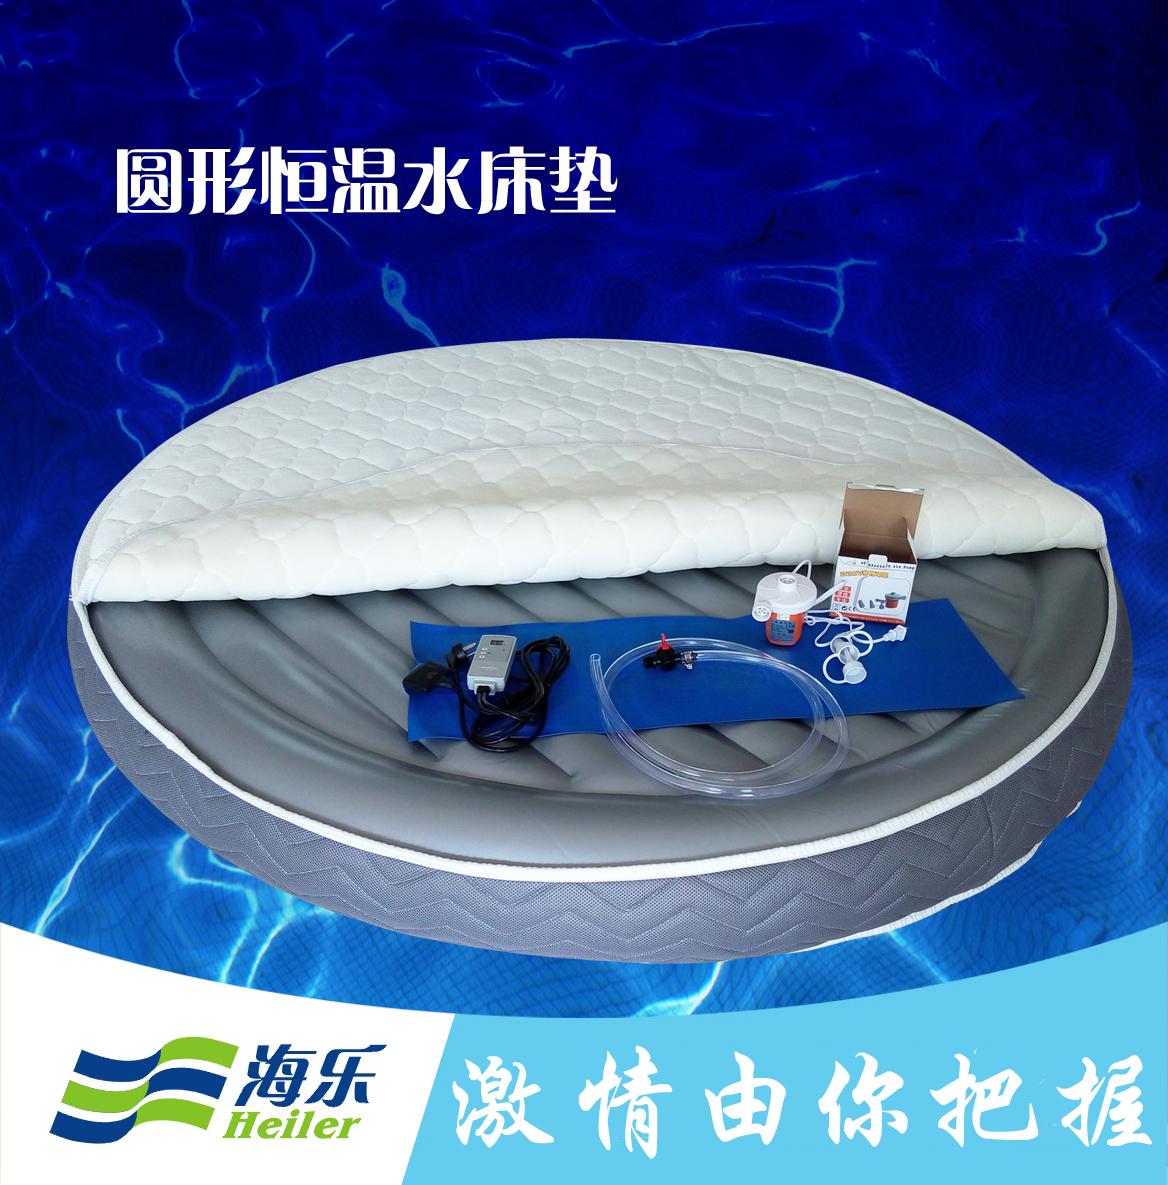 Хайле роскошный круглая кровать с подогревом воды посыпать магазин отель круглый забава отопление подогрев воды матрац круглая водяная кровать